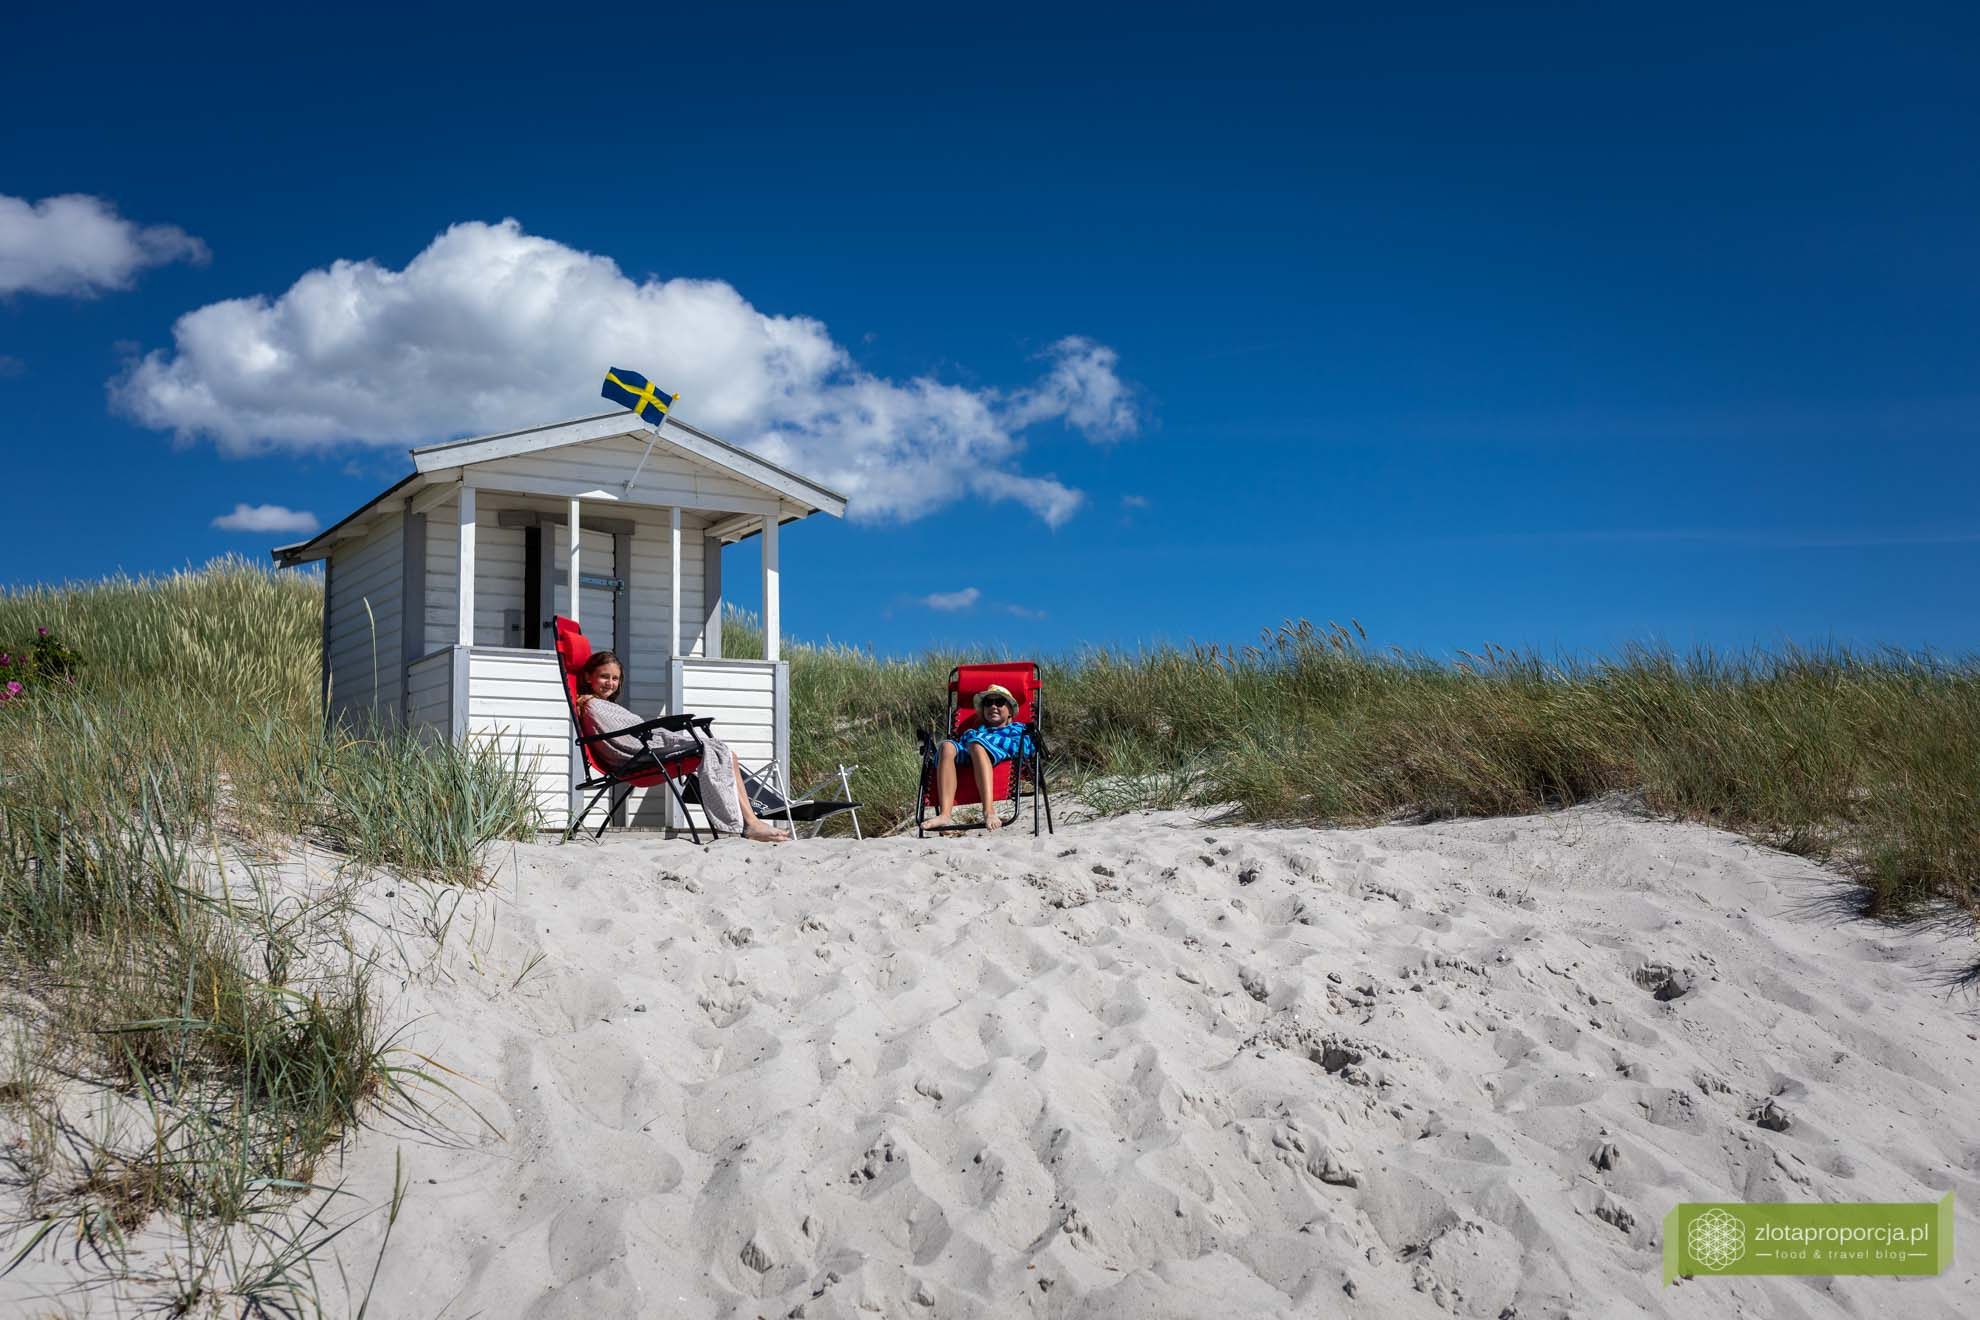 atrakcje Skanii; co zobaczyć w Skanii; Falsterbo; okolice Malmö; plaże Malmö; plaże Skanii; plaże Szwecji; Skania; Skanör; Półwysep Falsterbo; Falsterbo Szwecja;